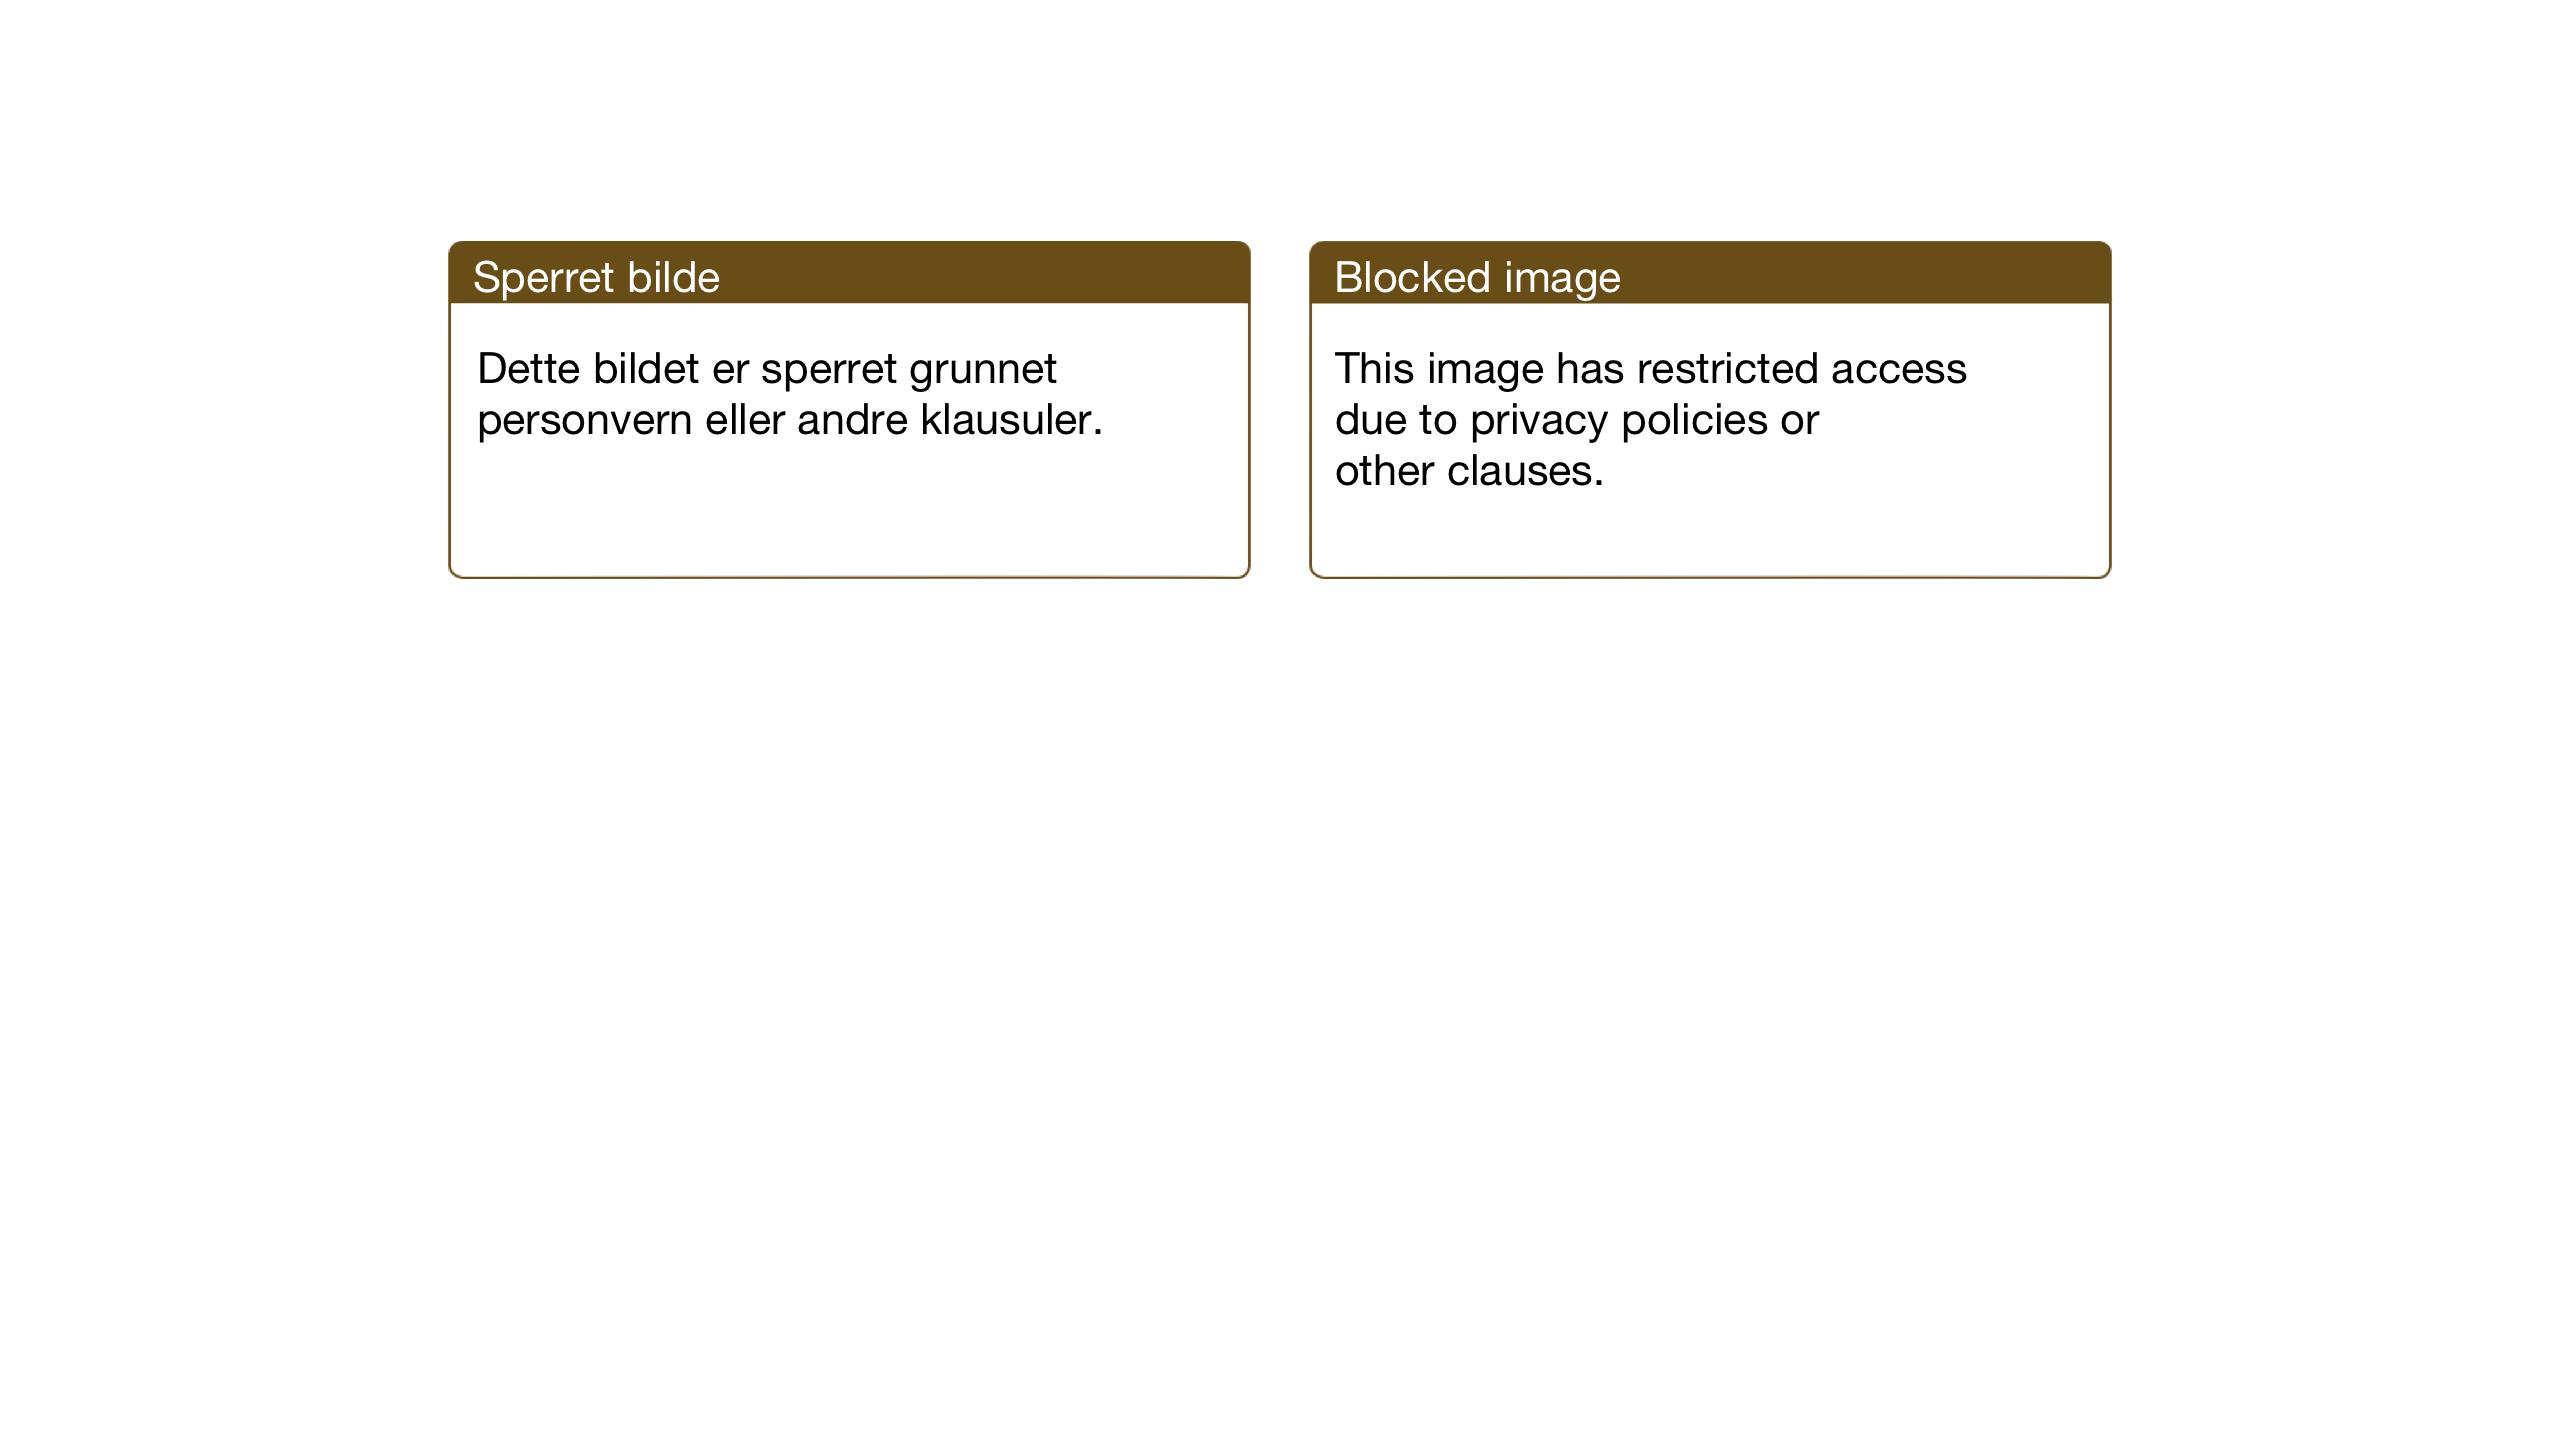 SAT, Ministerialprotokoller, klokkerbøker og fødselsregistre - Sør-Trøndelag, 638/L0569: Klokkerbok nr. 638C01, 1923-1961, s. 216